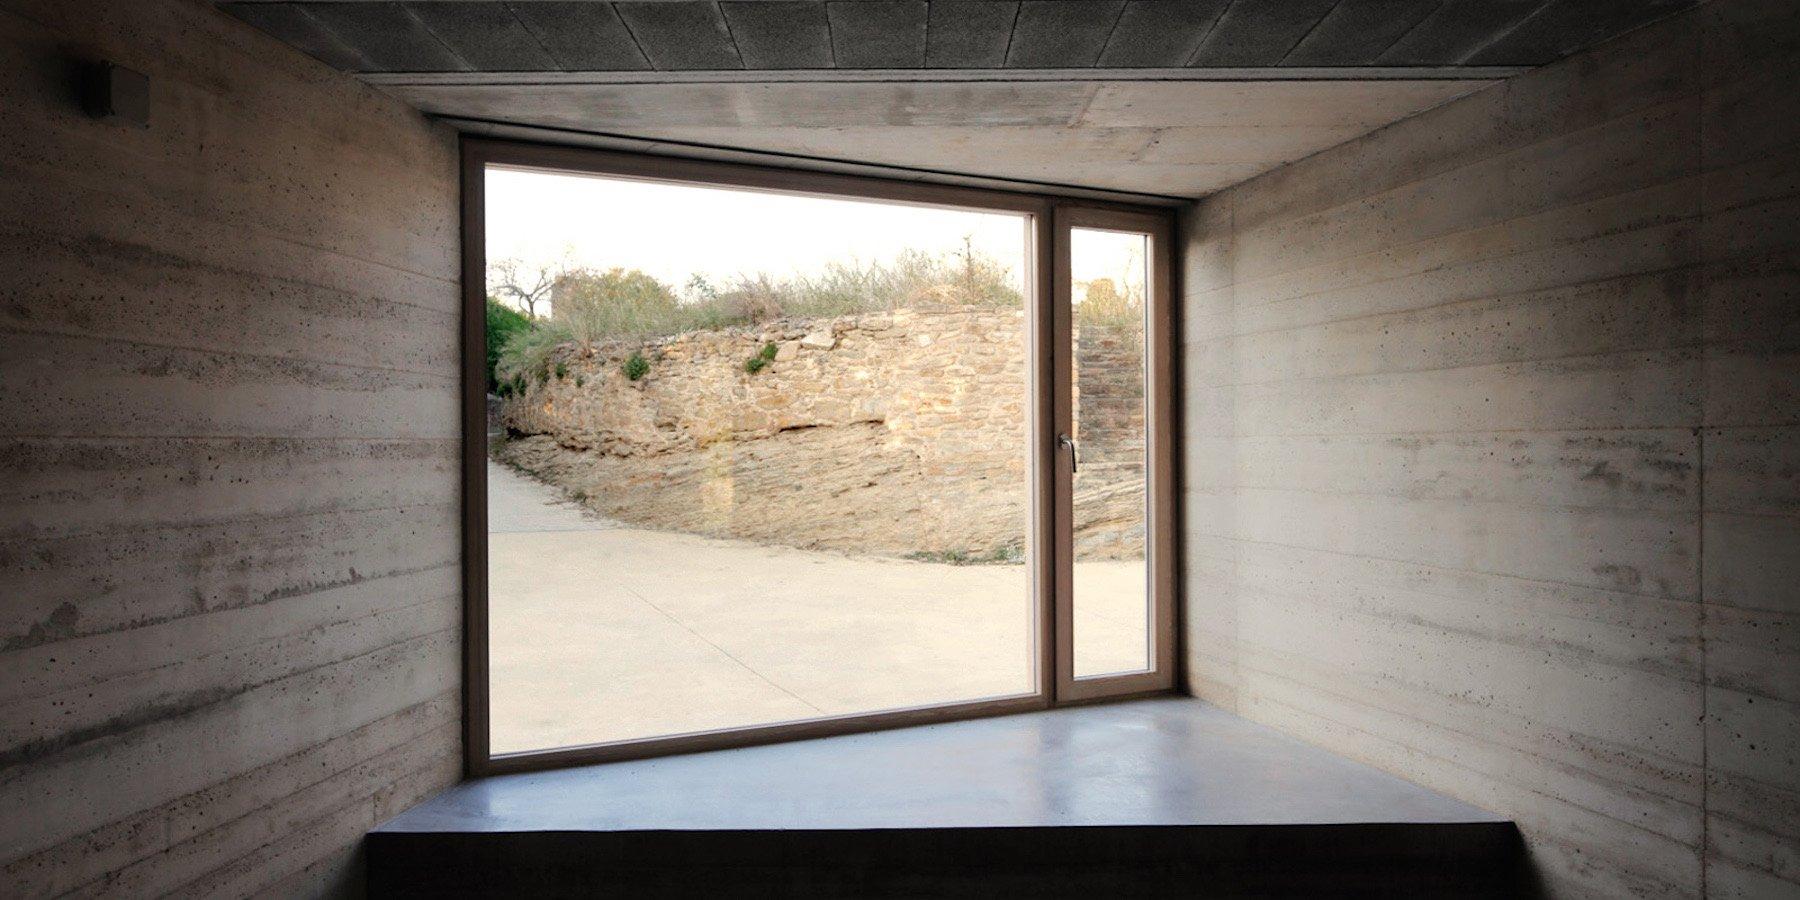 iGNANT-Architecture-Harquitectes-1413-House-21